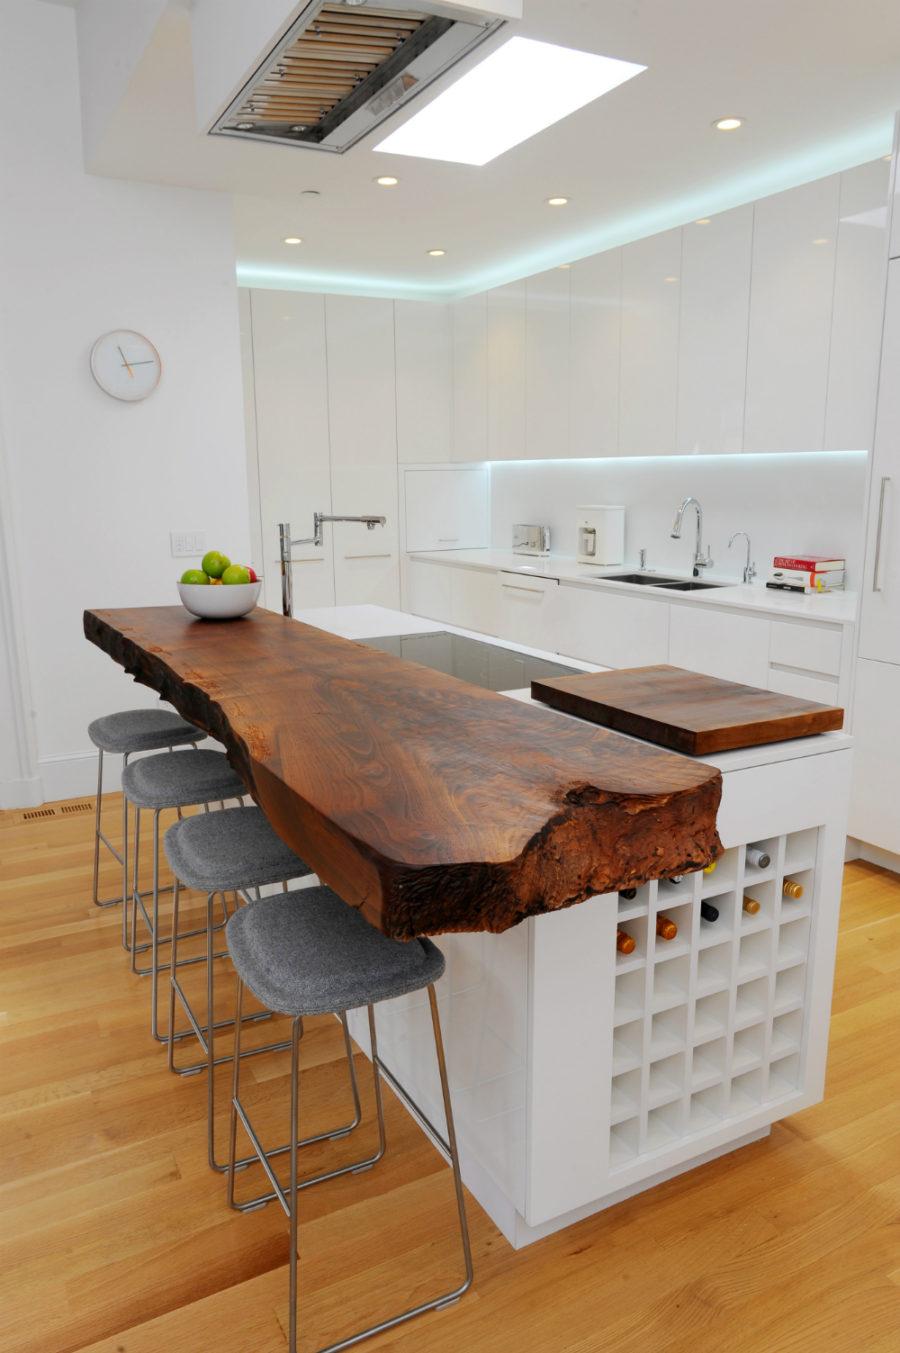 Элегантный дизайн кухонной столешницы для острова - тёмная толстая доска с неровными краями